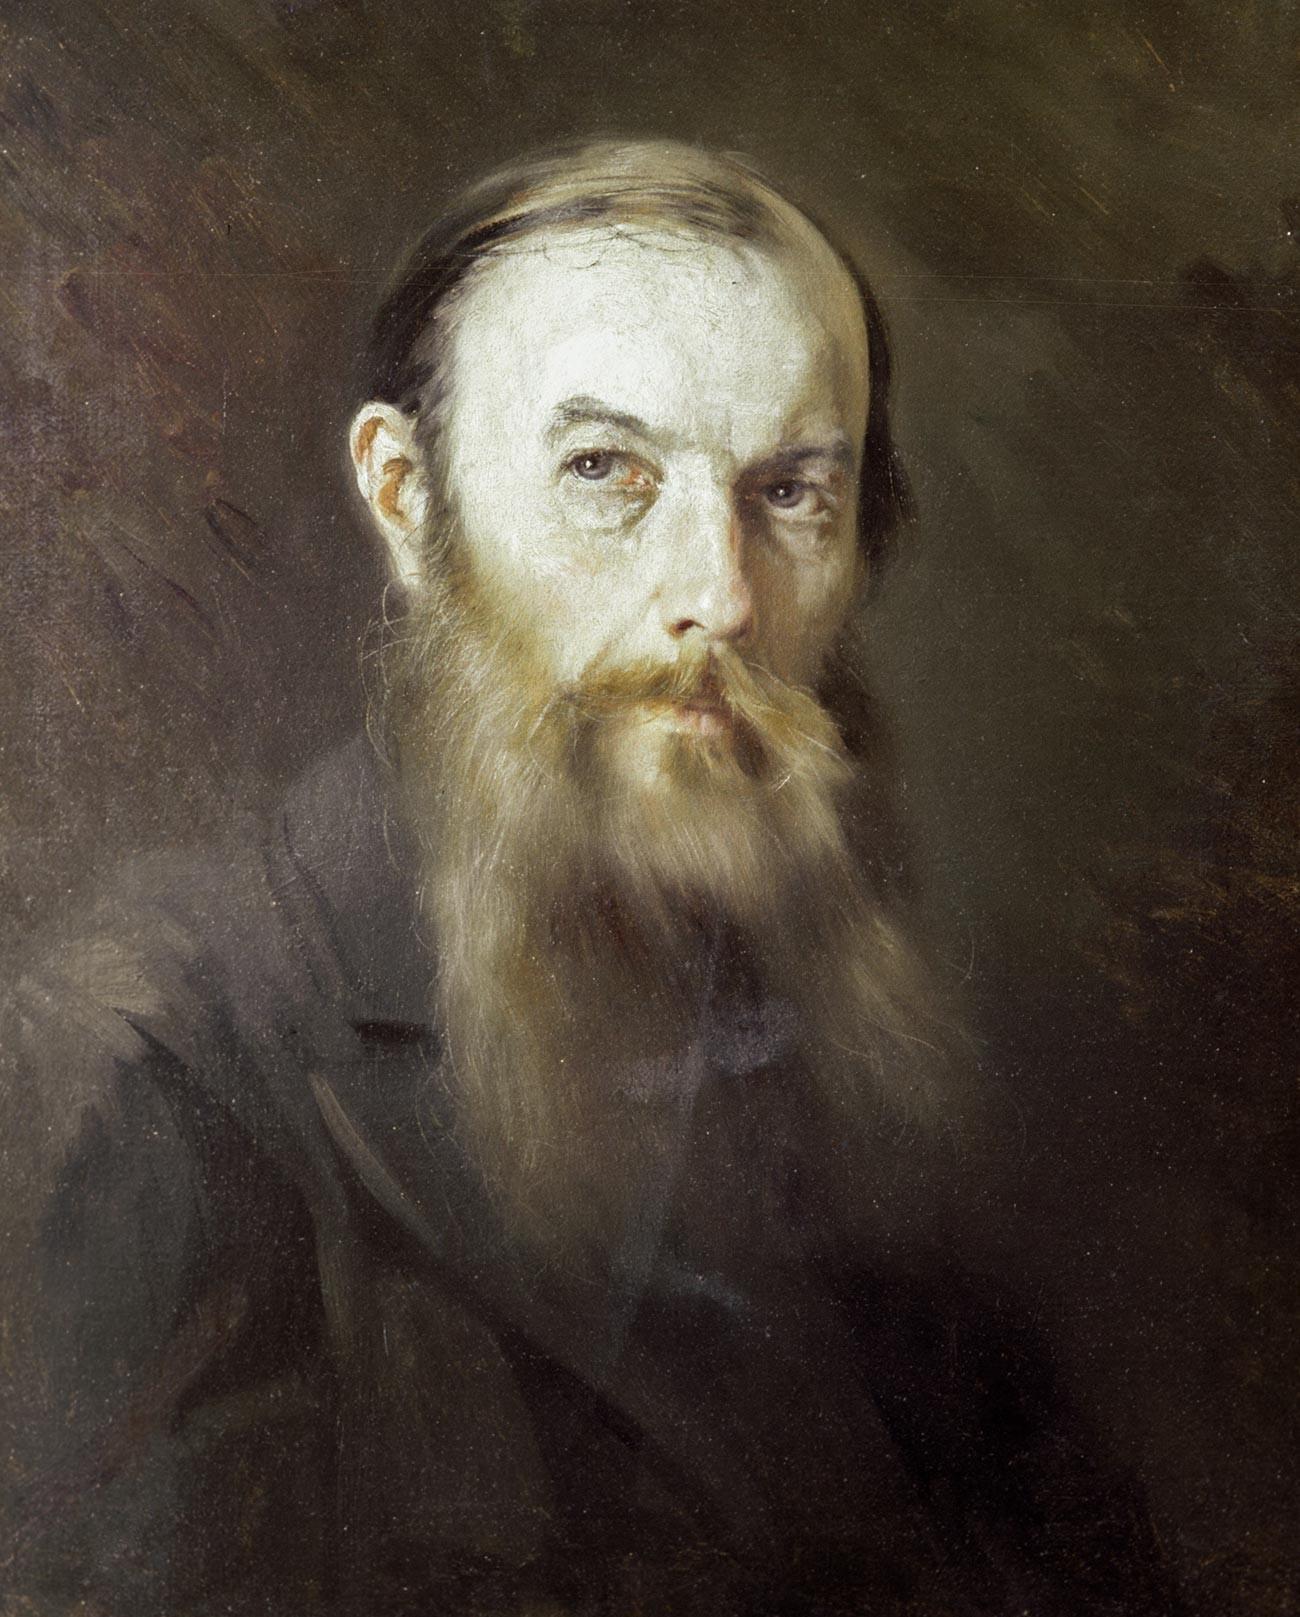 フョードル・ドストエフスキーの肖像、M.シェルバートフ画